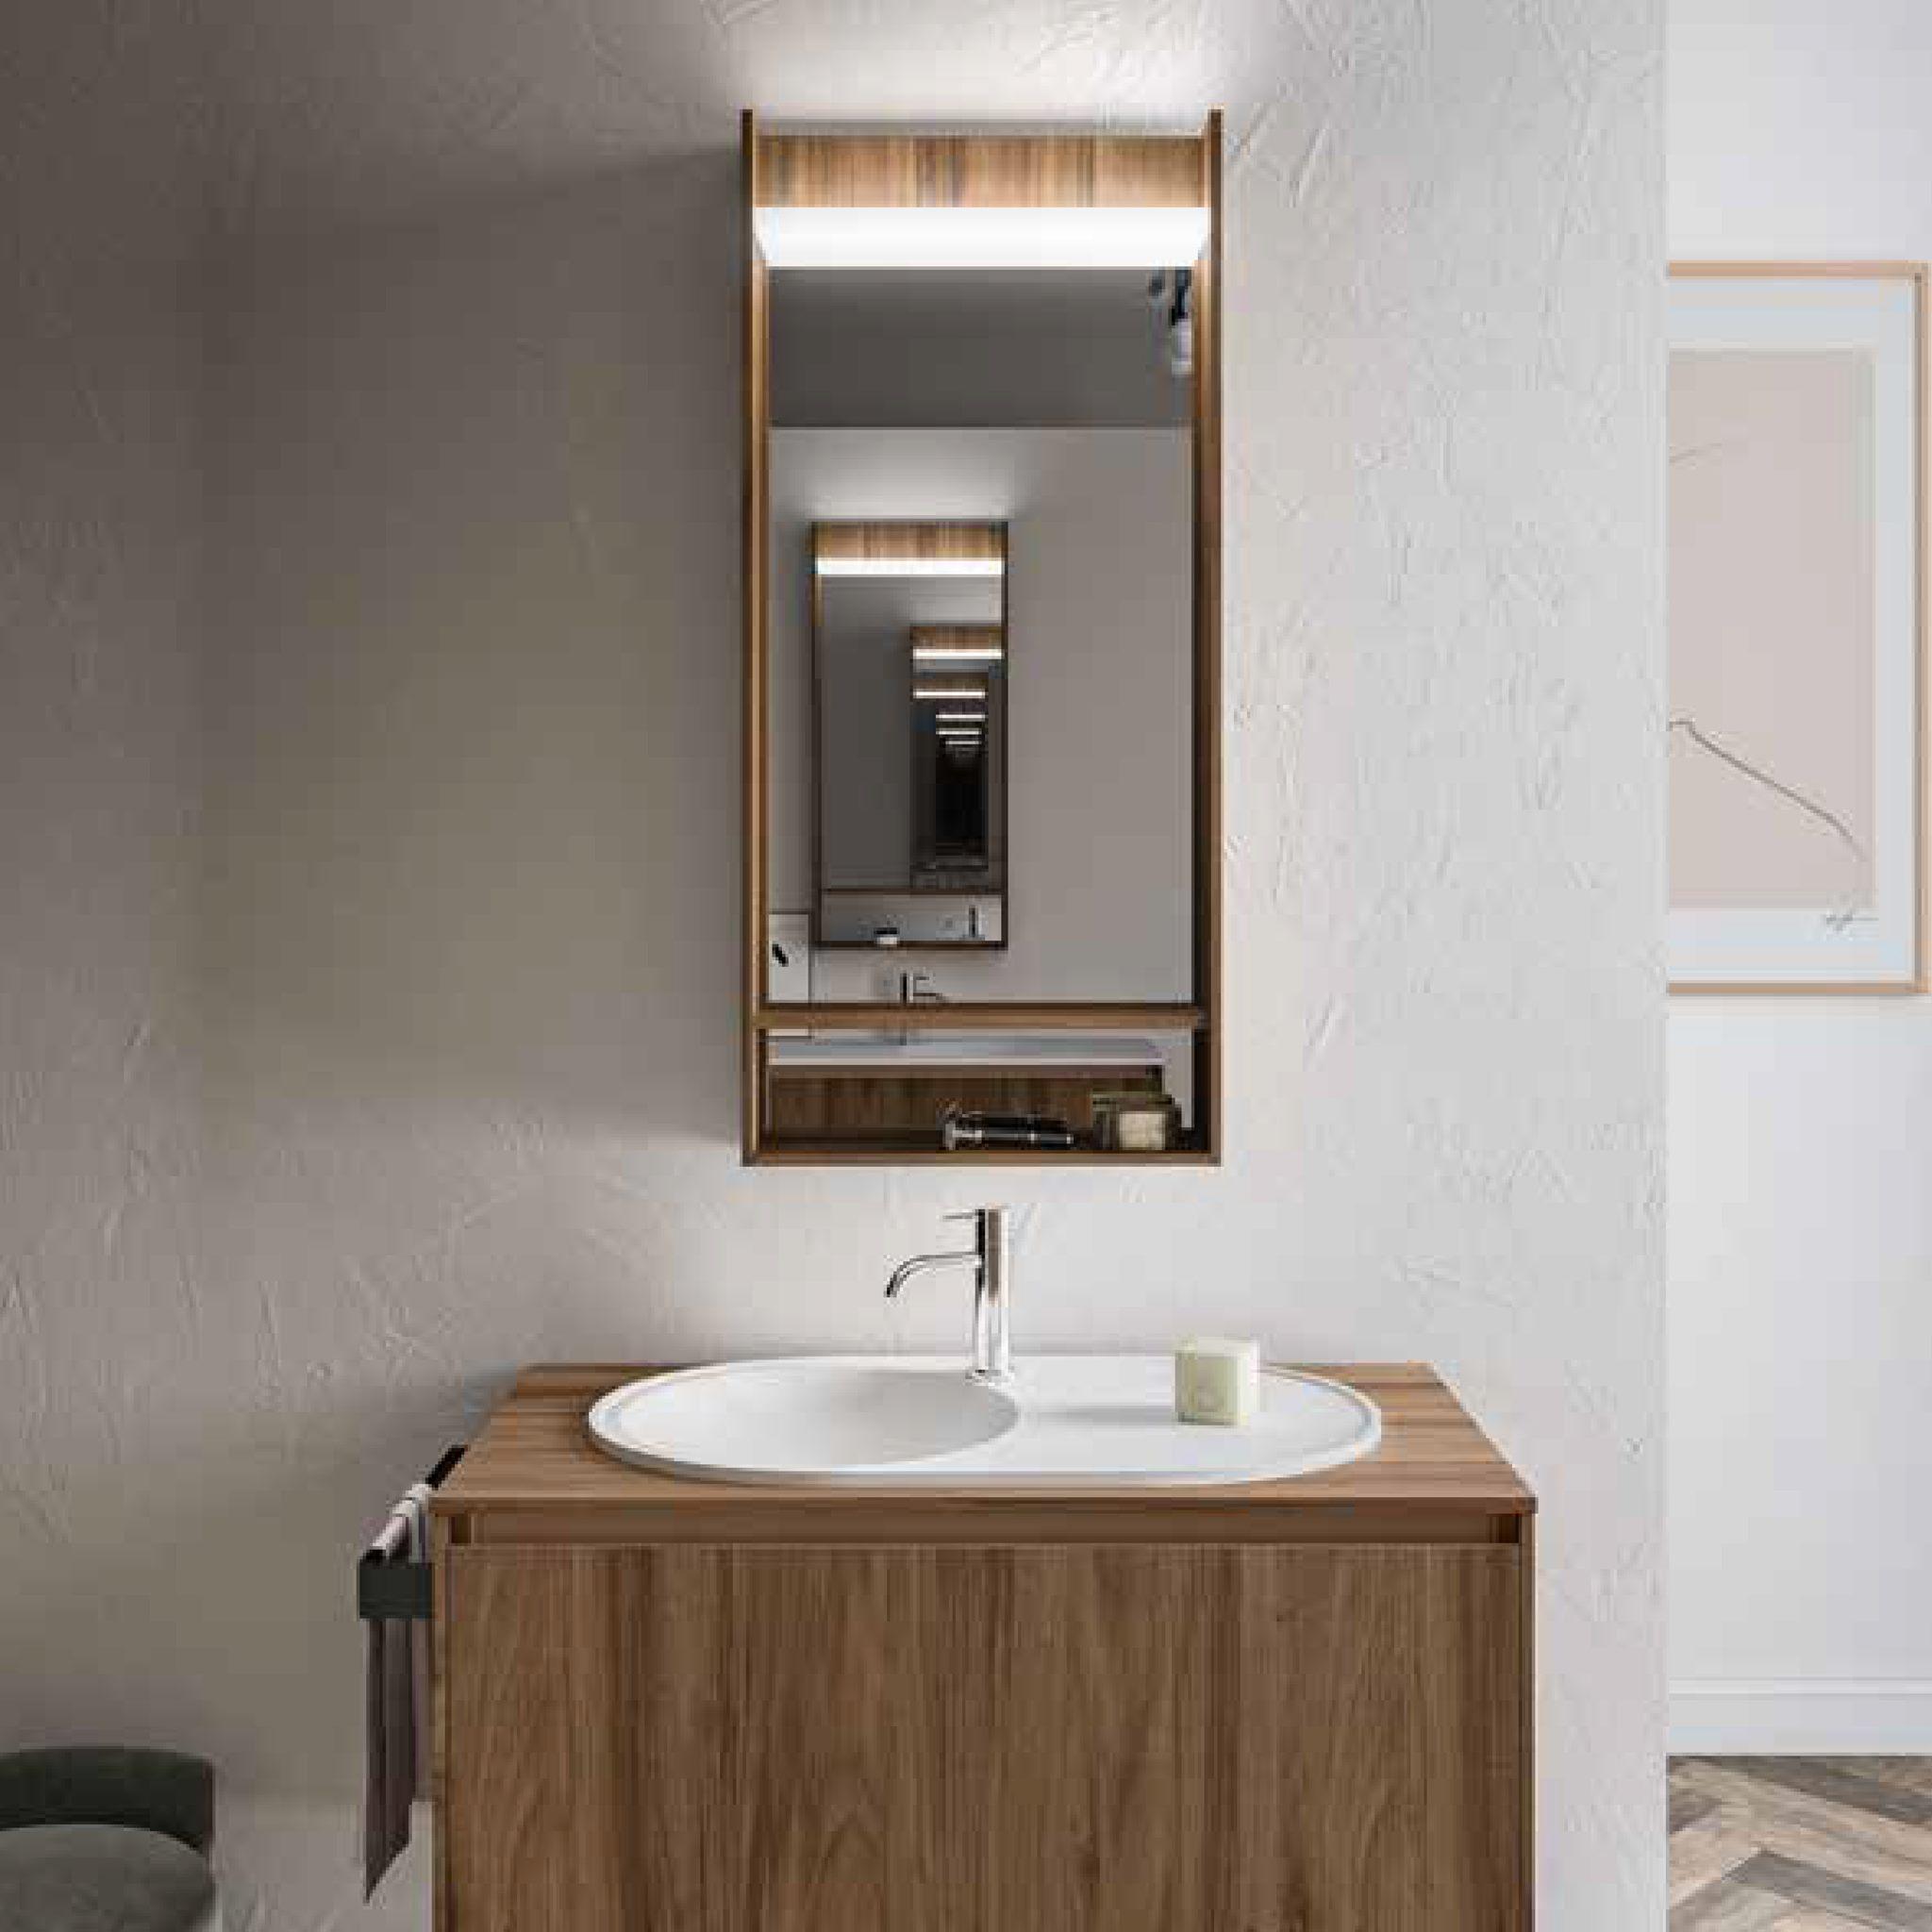 legno segno bagni mobili bagno ferrara vigarano vendita doccia box bondeno sanitari rubinetti rubinetteria